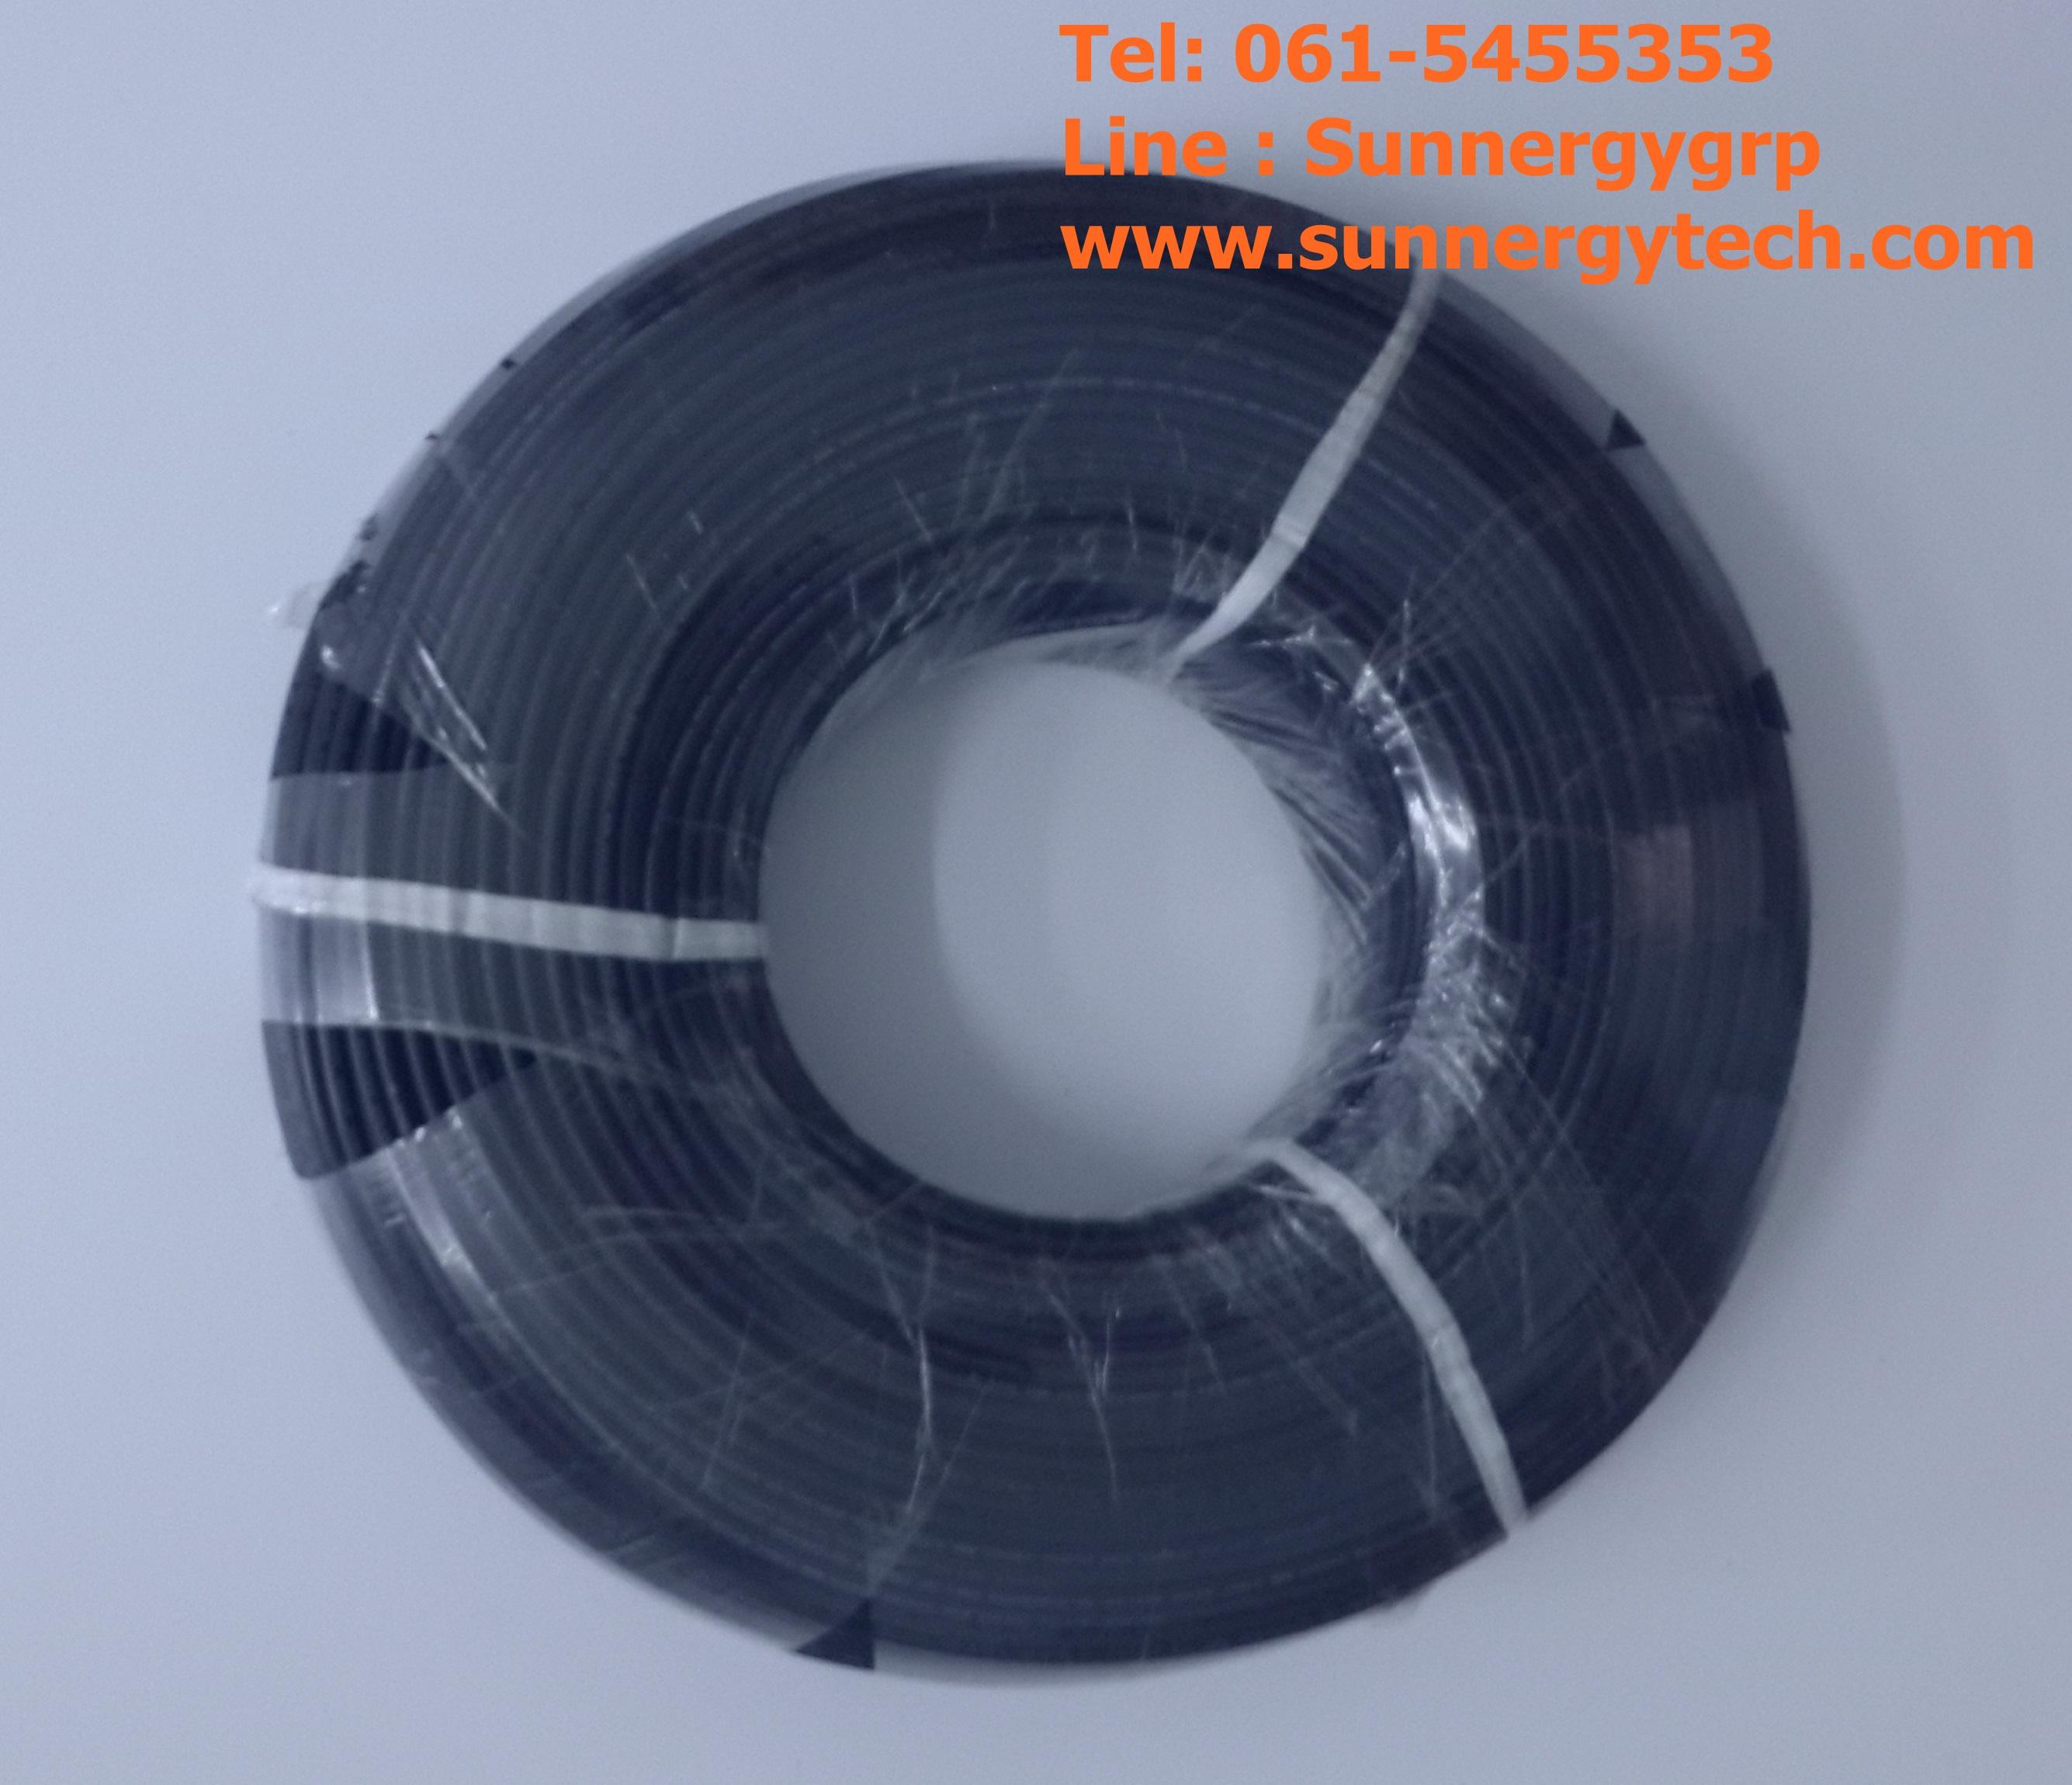 cable & connector(สายไฟ) ขนาด 2.5mm2 Black